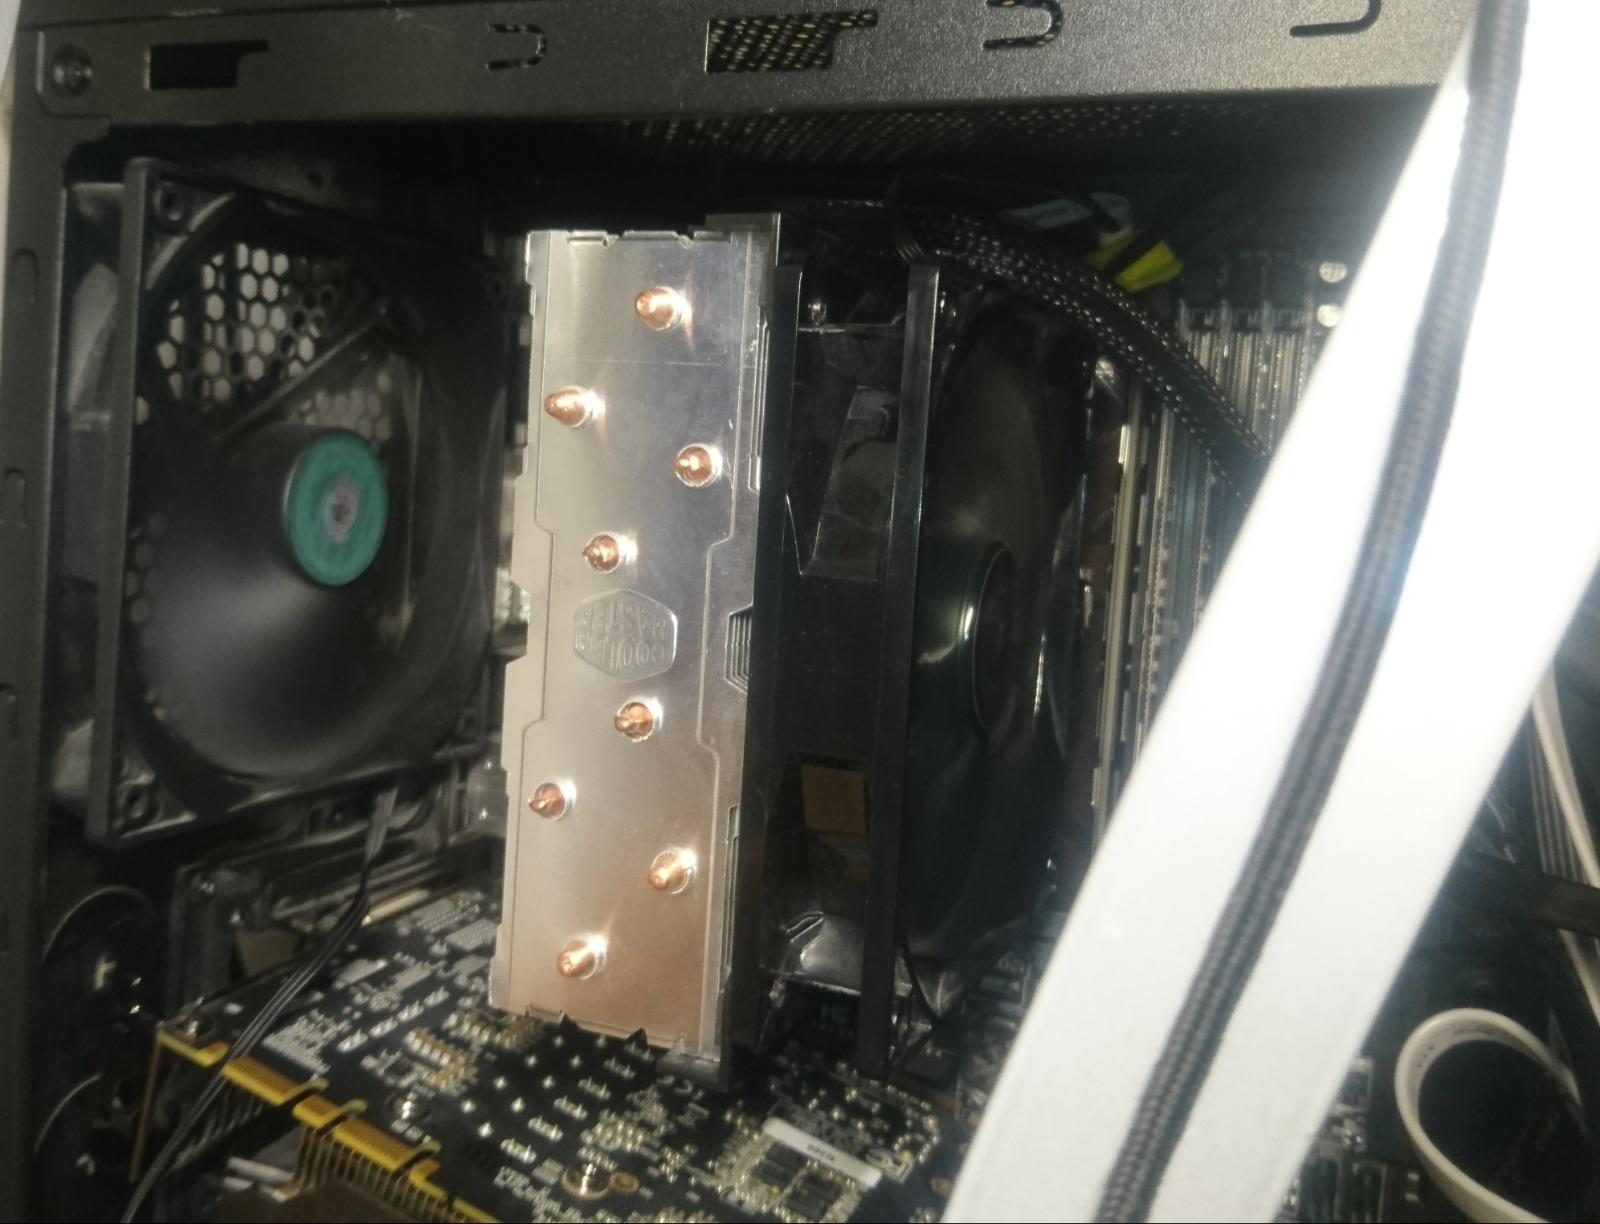 PC Stürzt Beim Spielen Ab Monitor Wird Schwarz Lüfter Drehen Auf - Pc sturzt beim minecraft spielen ab